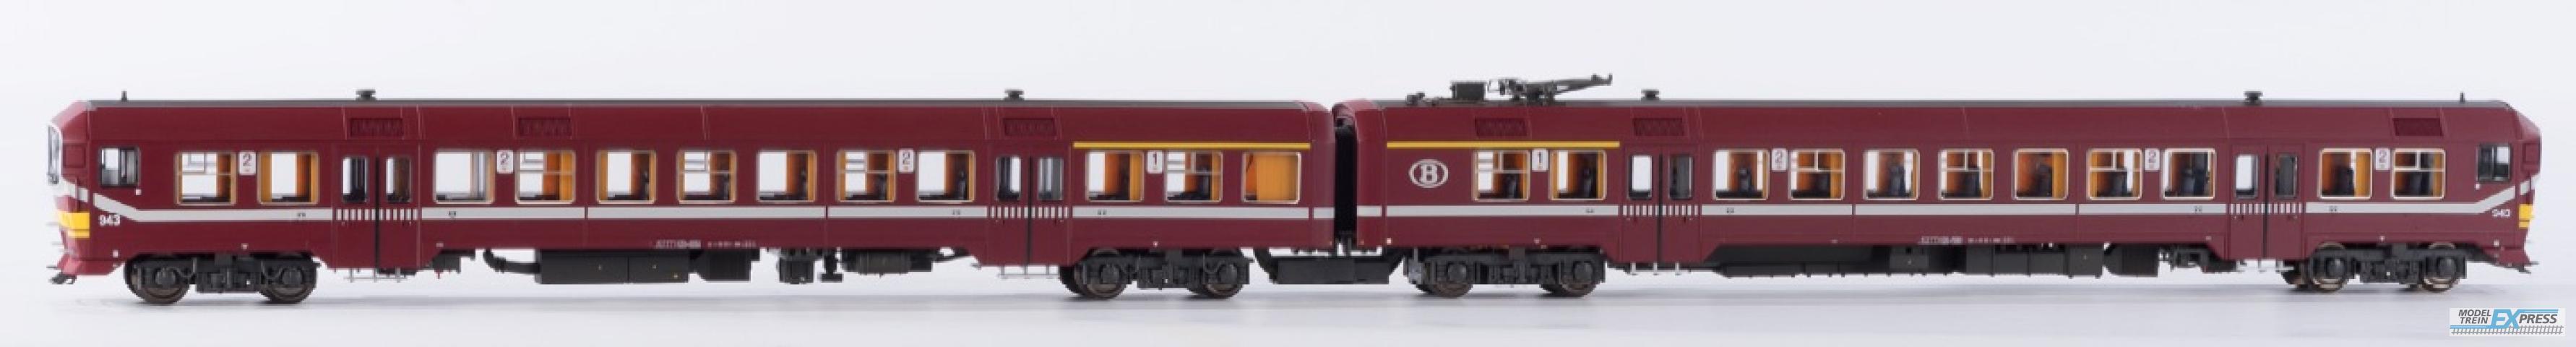 B-Models 4003.05